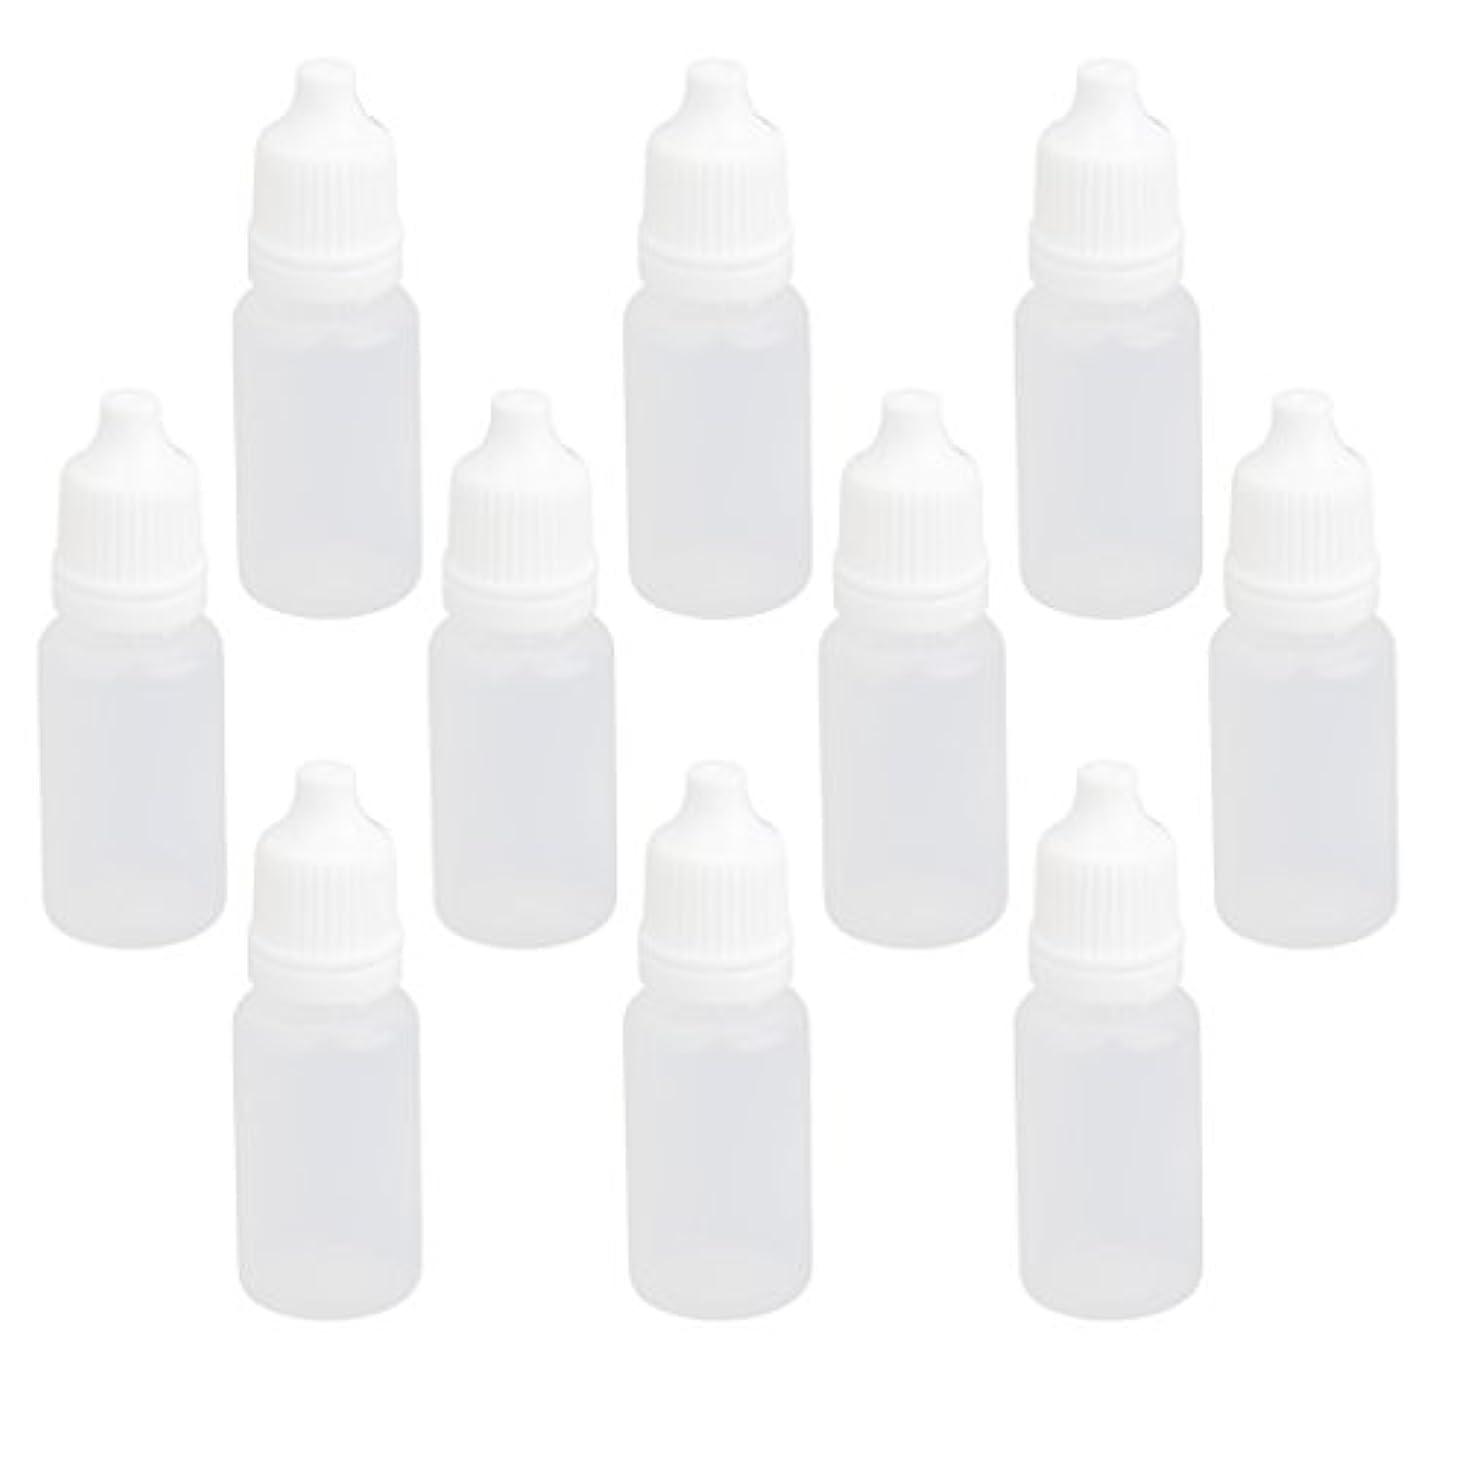 アミューズケーブルカー人工【ノーブランド品】ドロッパーボトル 点眼 液体 貯蔵用 滴瓶 プラスチック製 10個 (10ml)